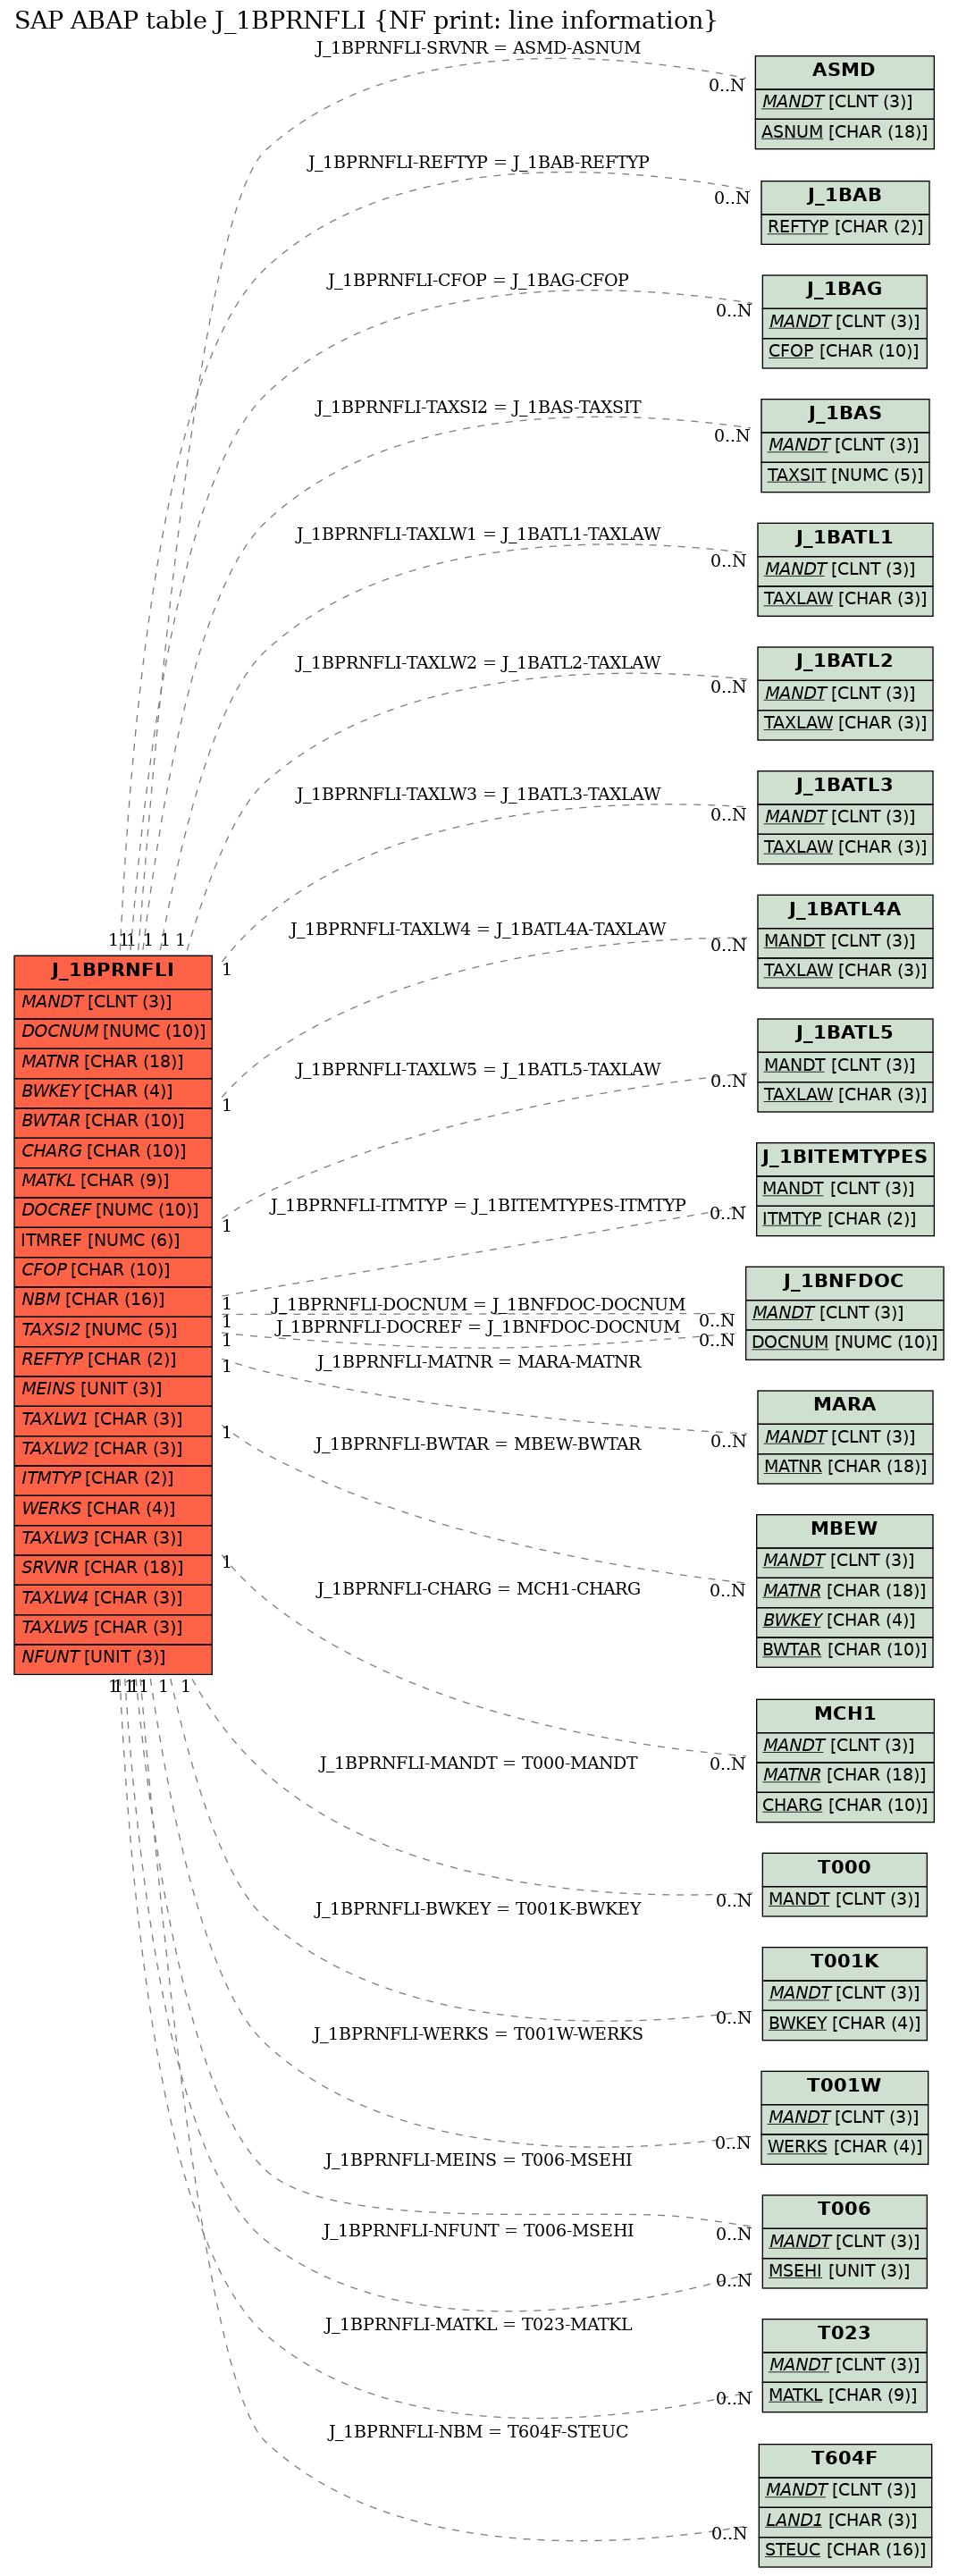 E-R Diagram for table J_1BPRNFLI (NF print: line information)